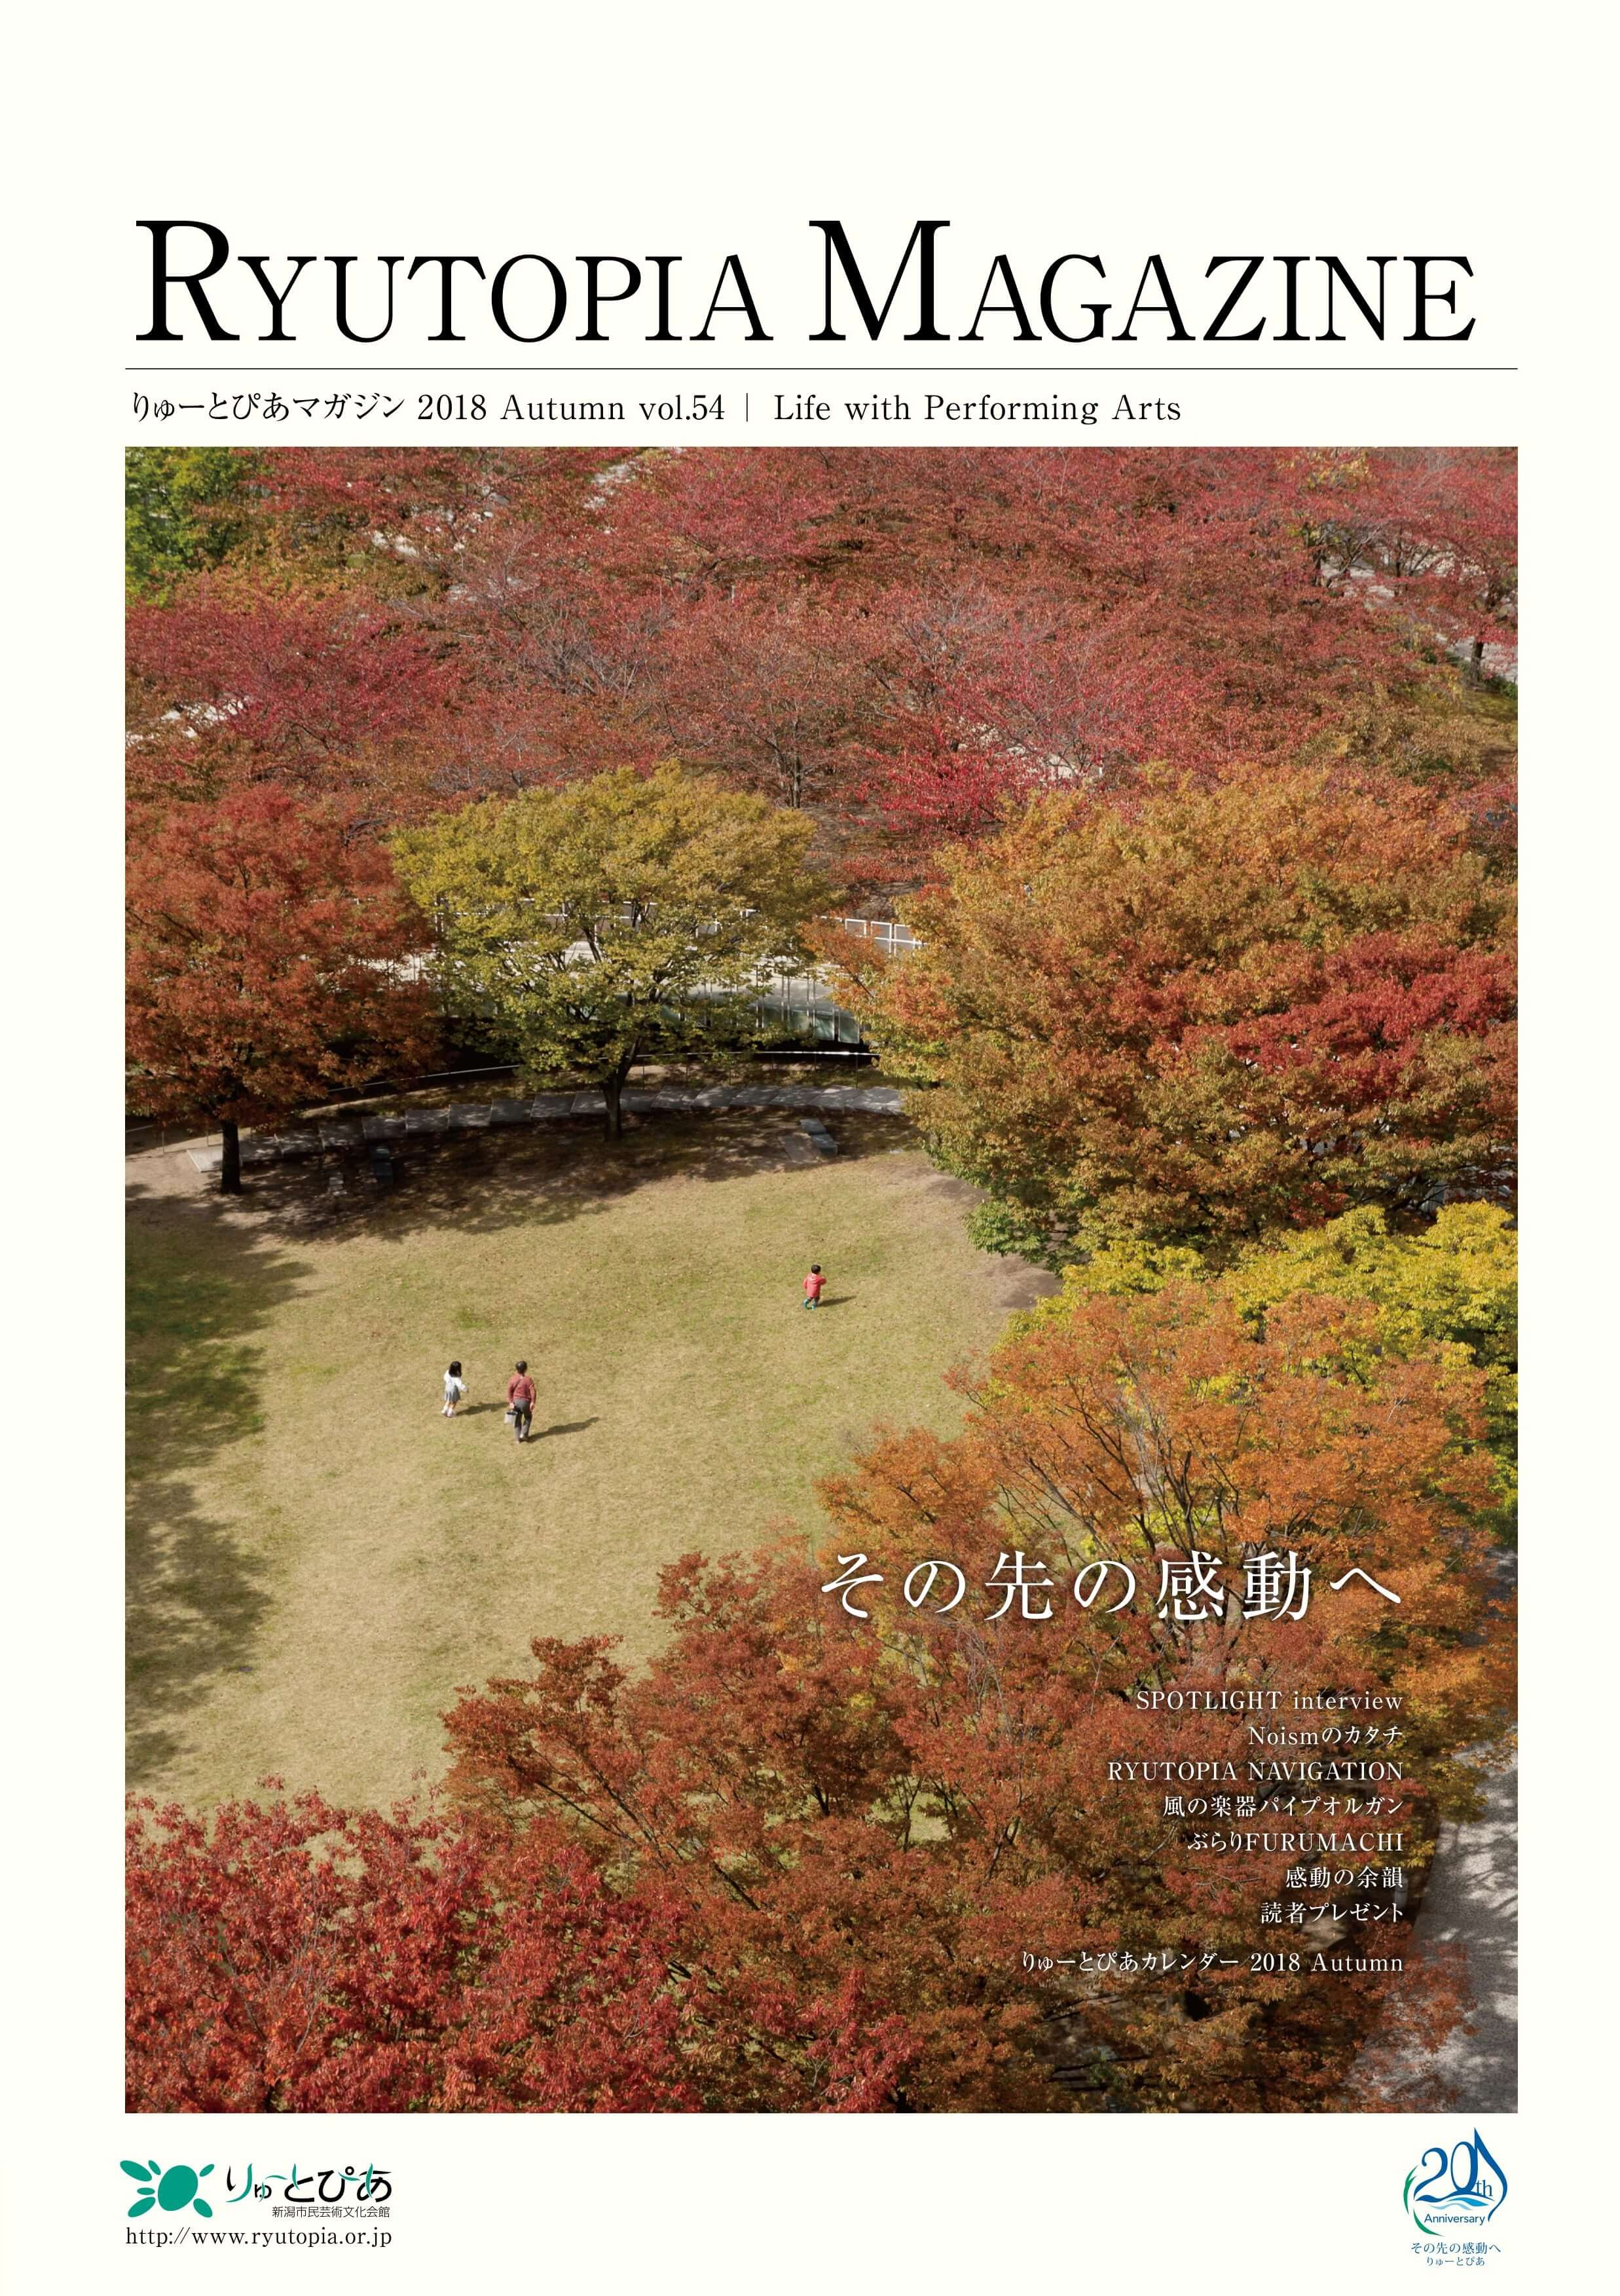 画像:りゅーとぴあマガジンVol.54